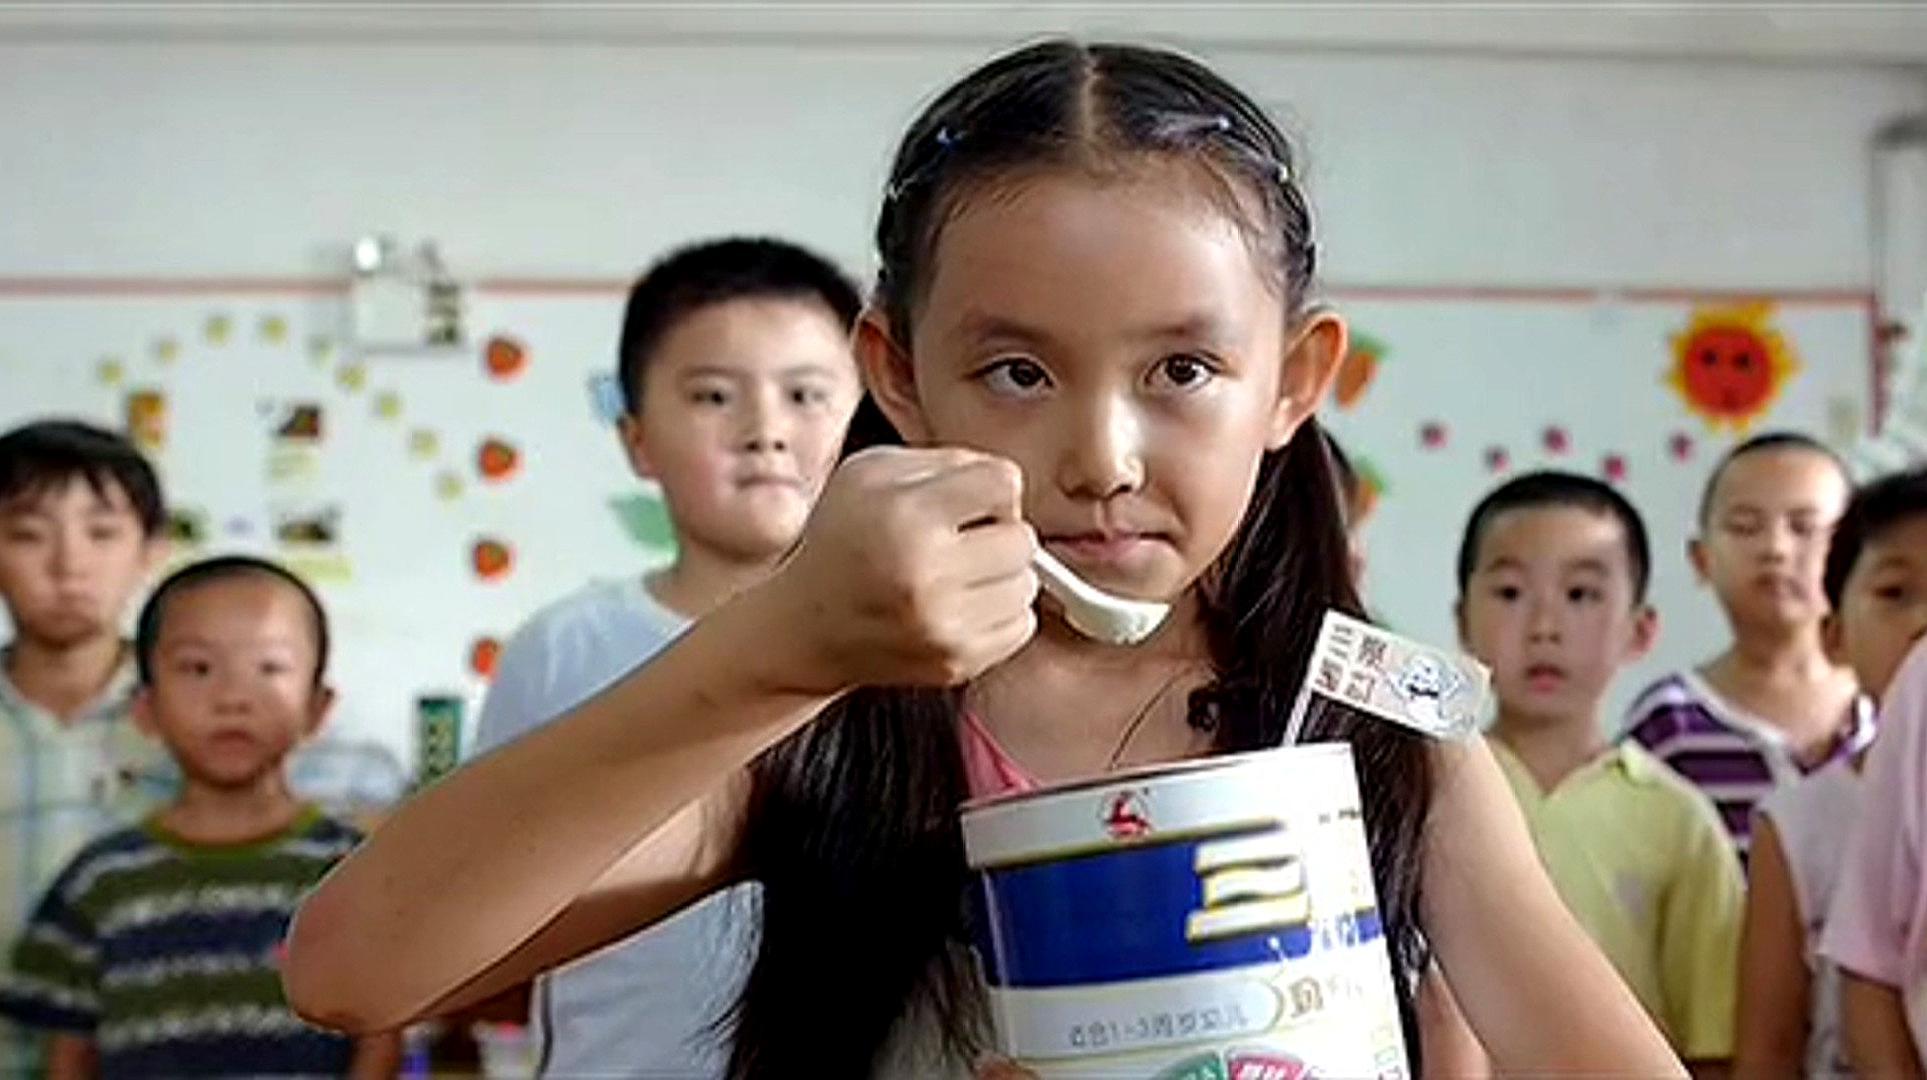 《火星没事》现在的小孩太会玩,上课吃毒奶粉,全明星阵容喜剧!